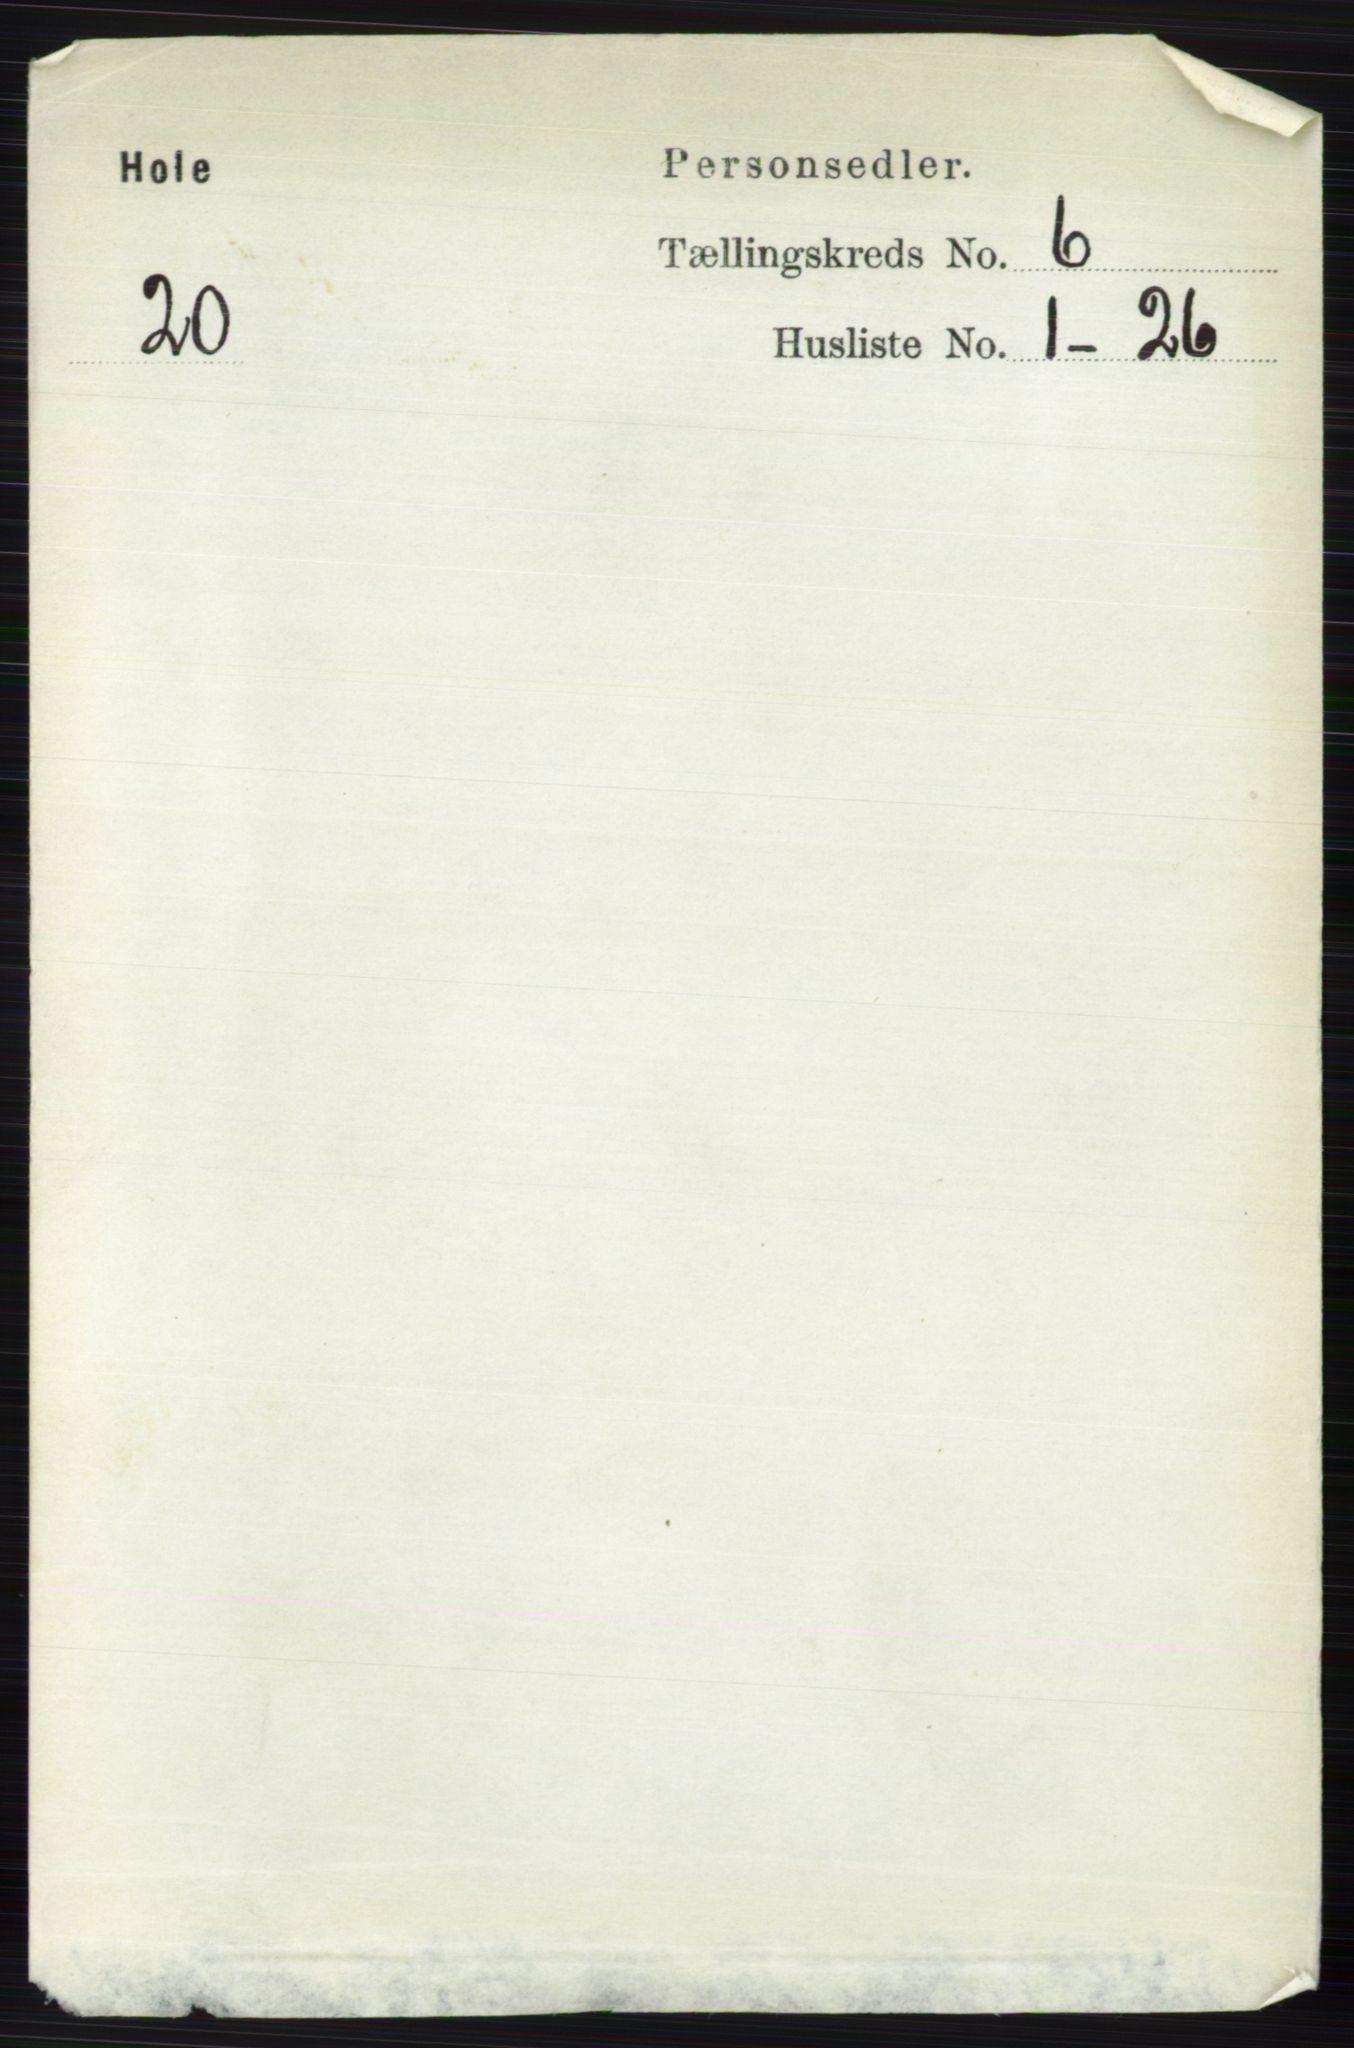 RA, Folketelling 1891 for 0612 Hole herred, 1891, s. 3103